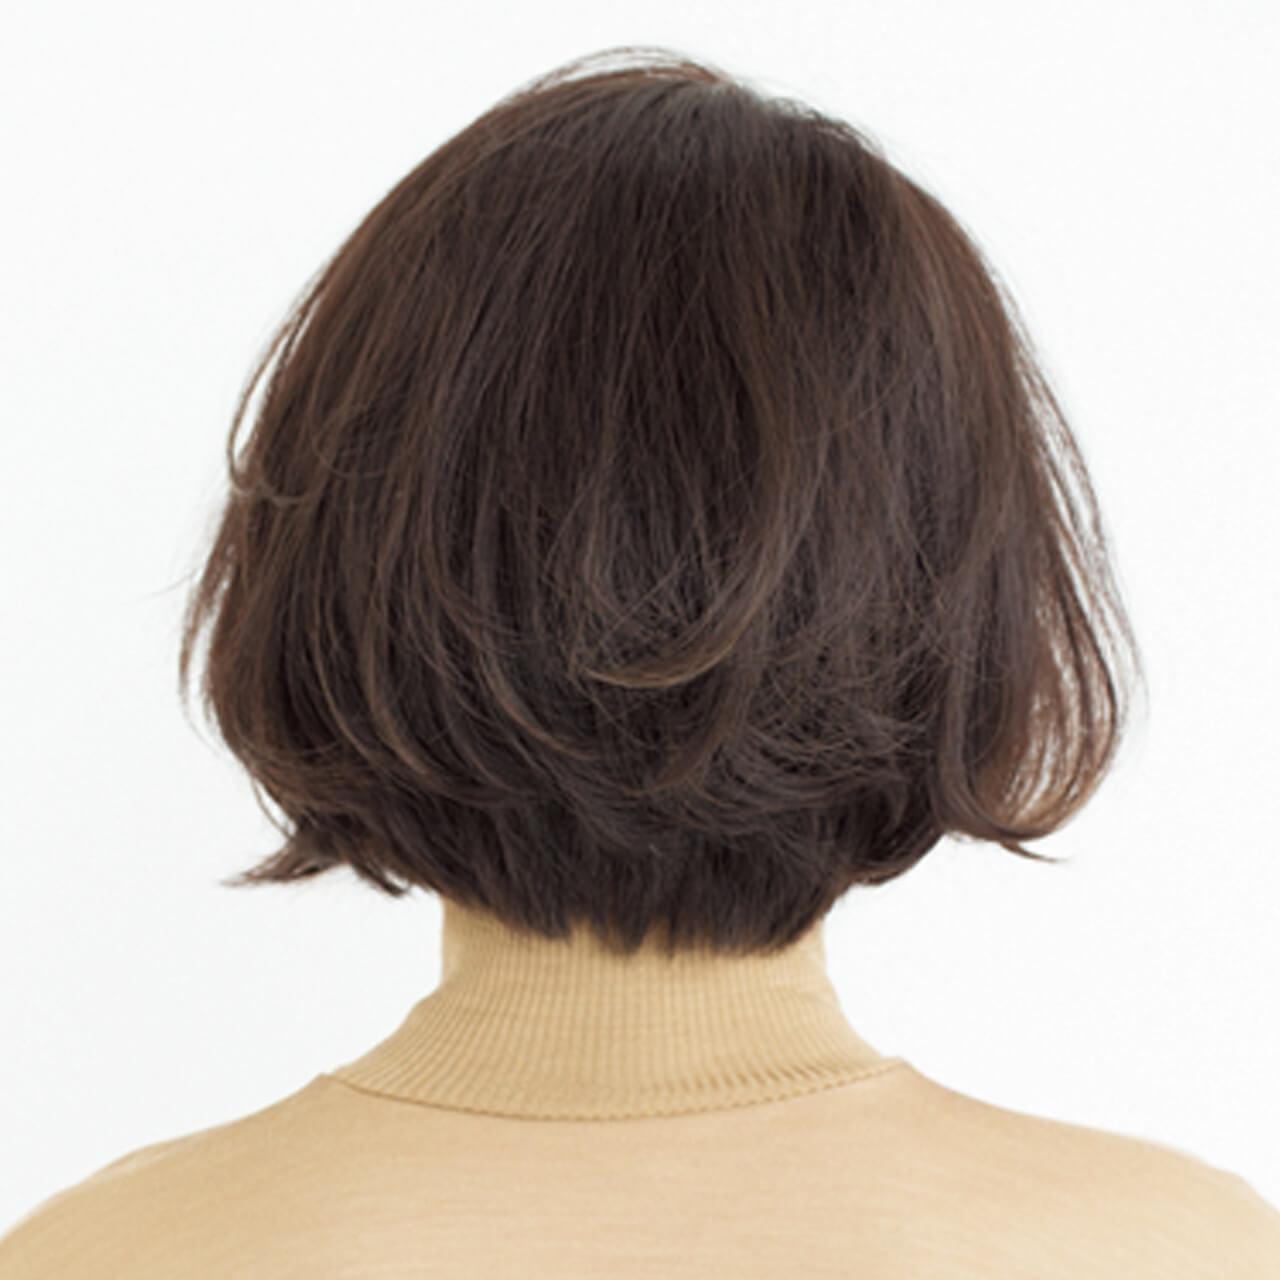 """髪がうねるけど、ストレートになりたい!そんなあなたの願いを叶えるのは""""弱いストパ""""【40代のボブヘア】_1_3"""